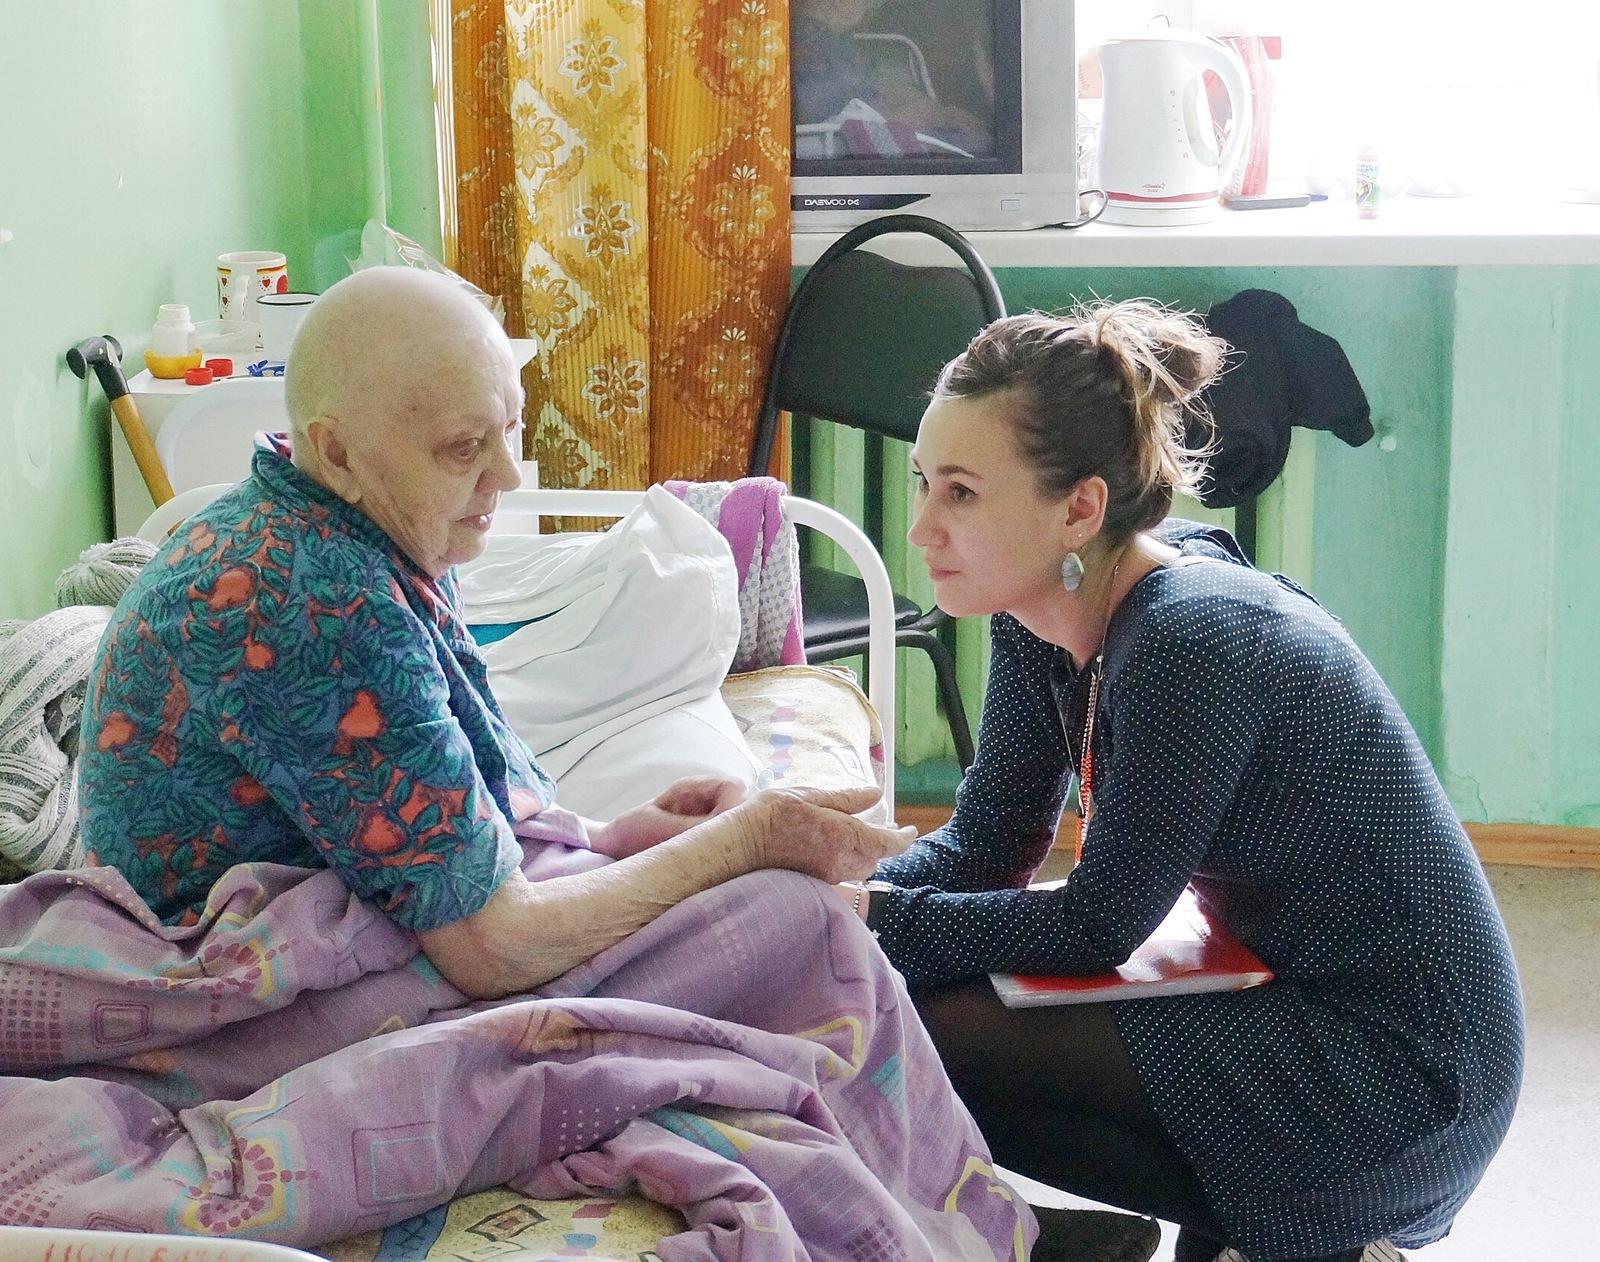 художественный фильм про дом престарелых россия